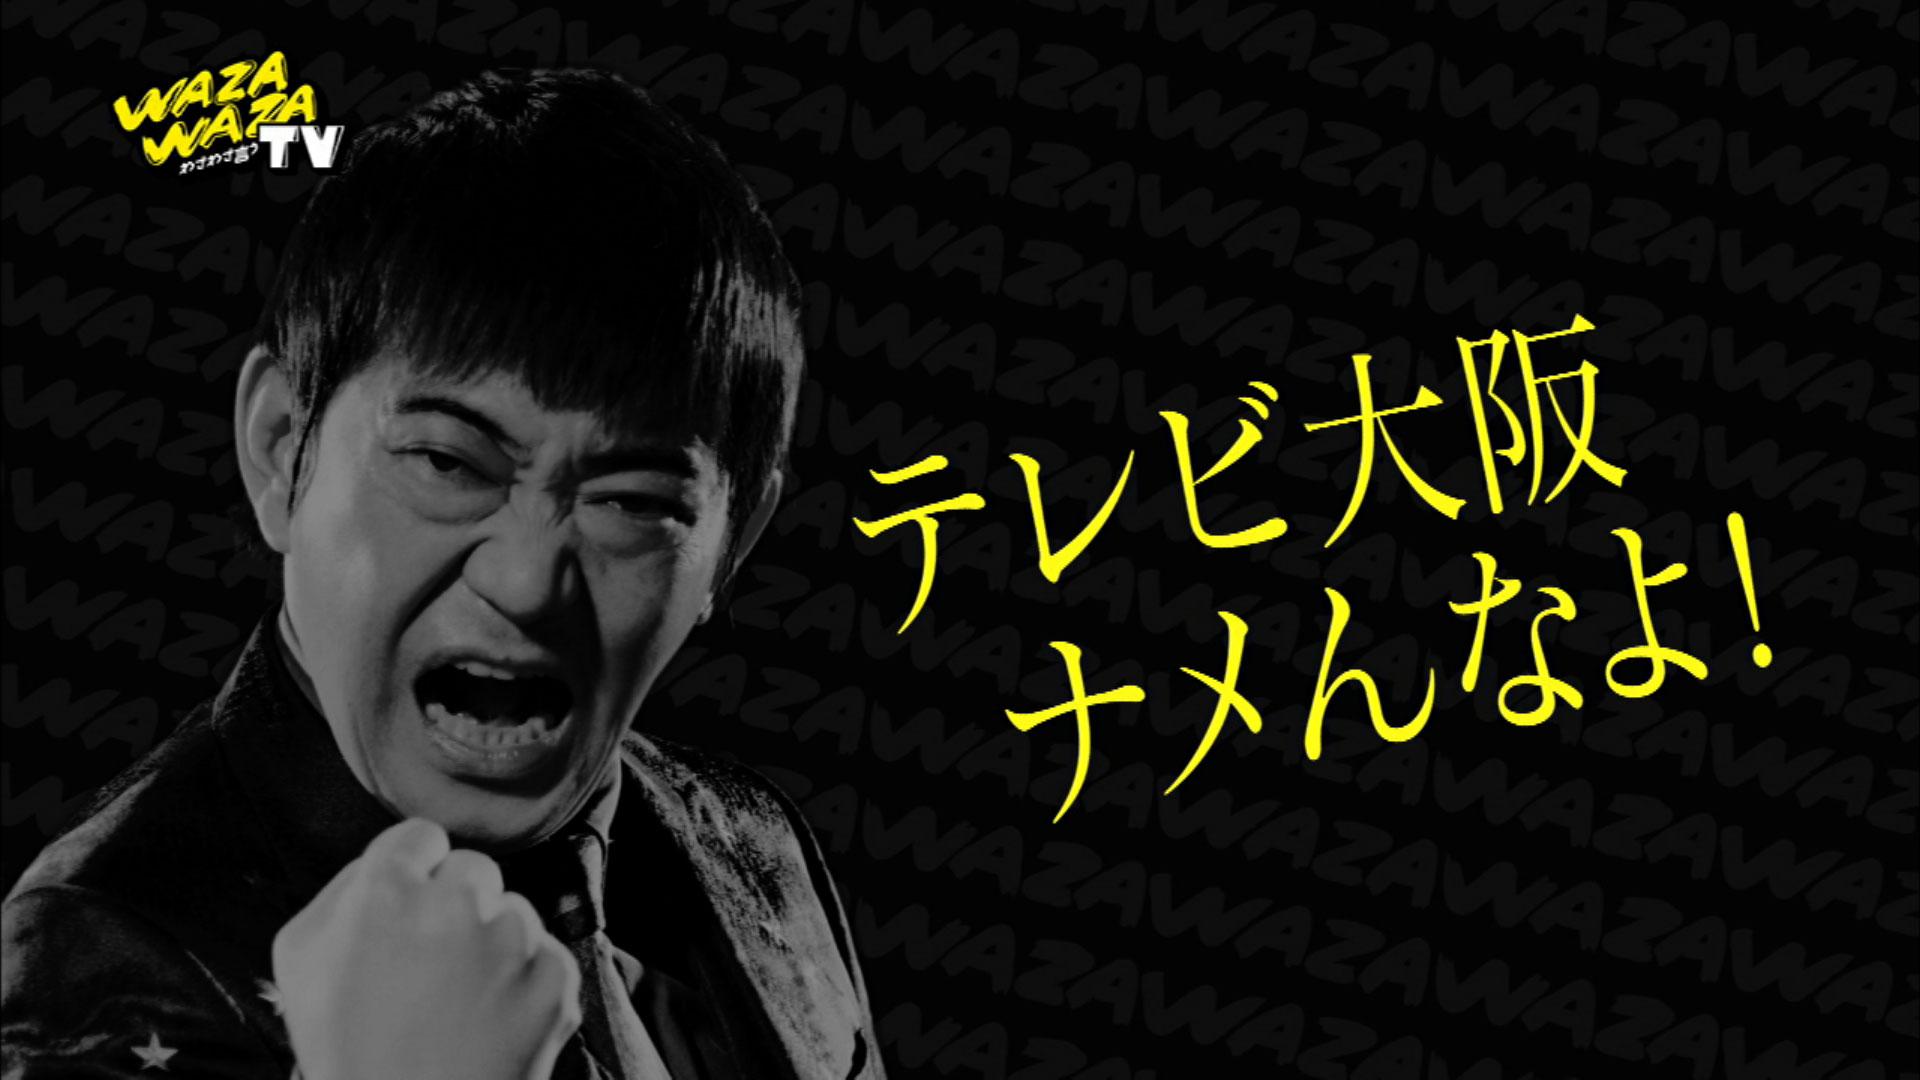 テレビ大阪ナメんなよ!